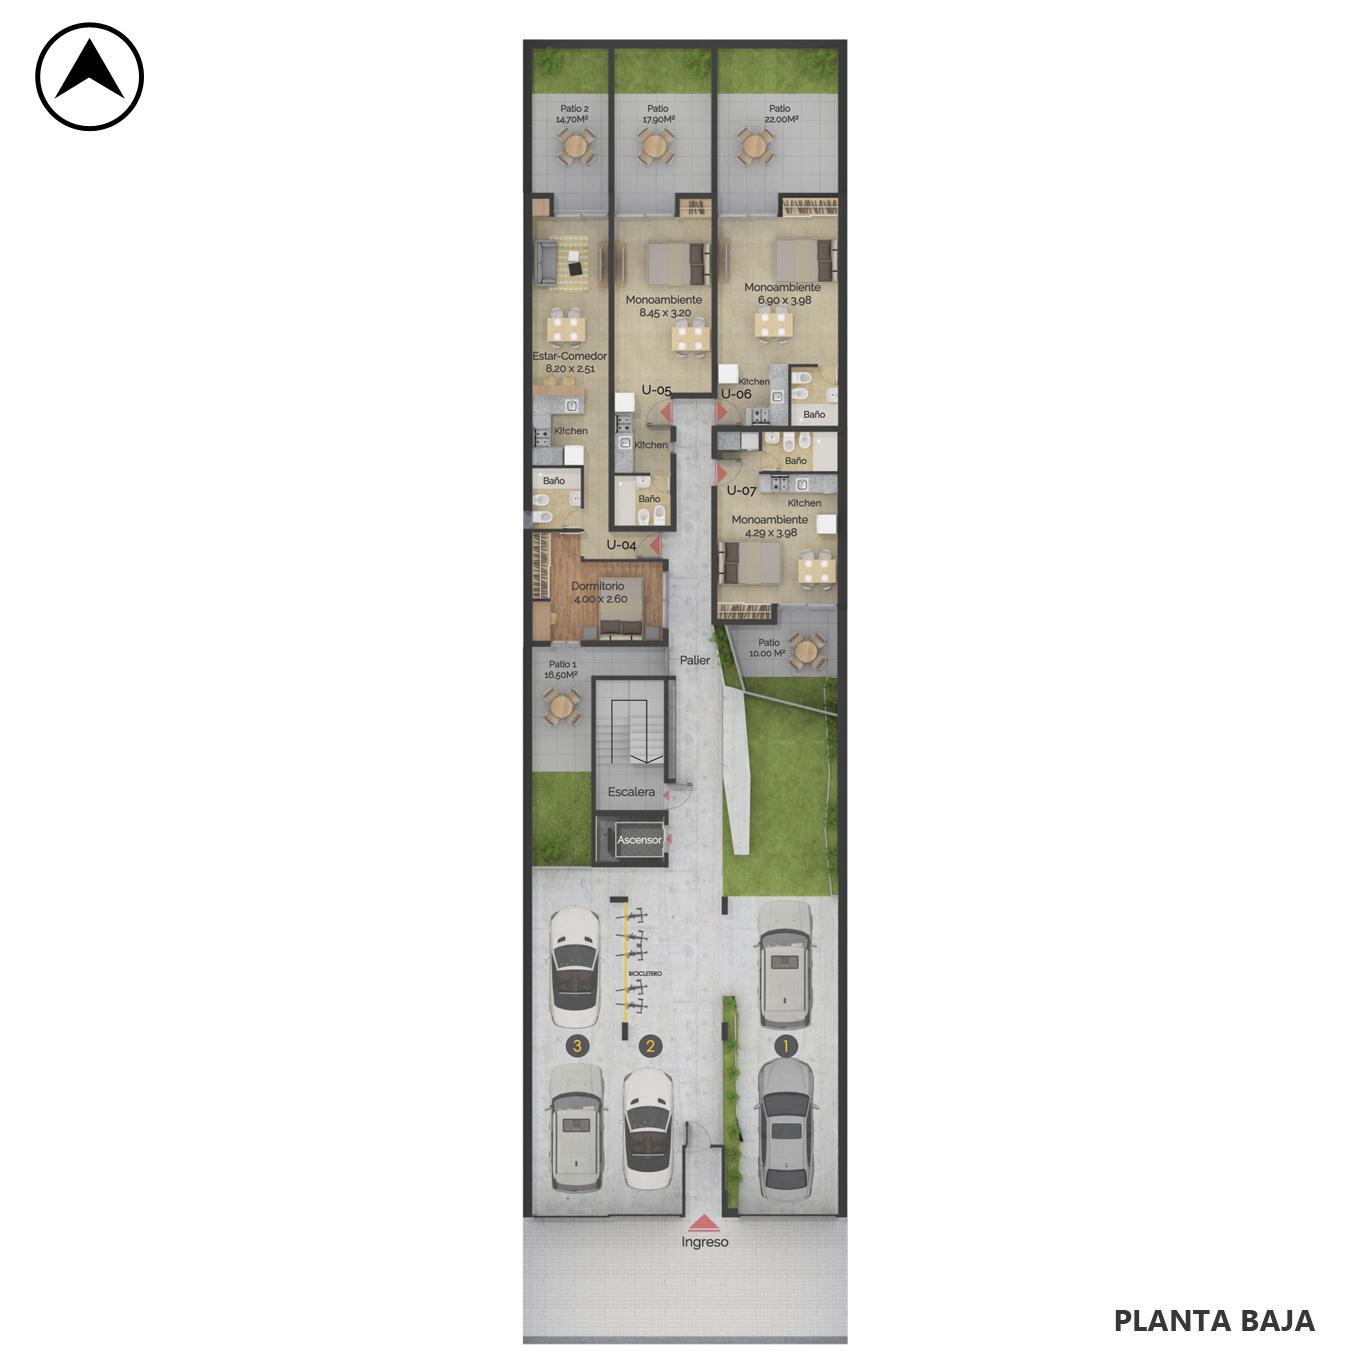 Venta departamento monoambiente Rosario, Centro Oeste. Cod CBU24040 AP2248185. Crestale Propiedades